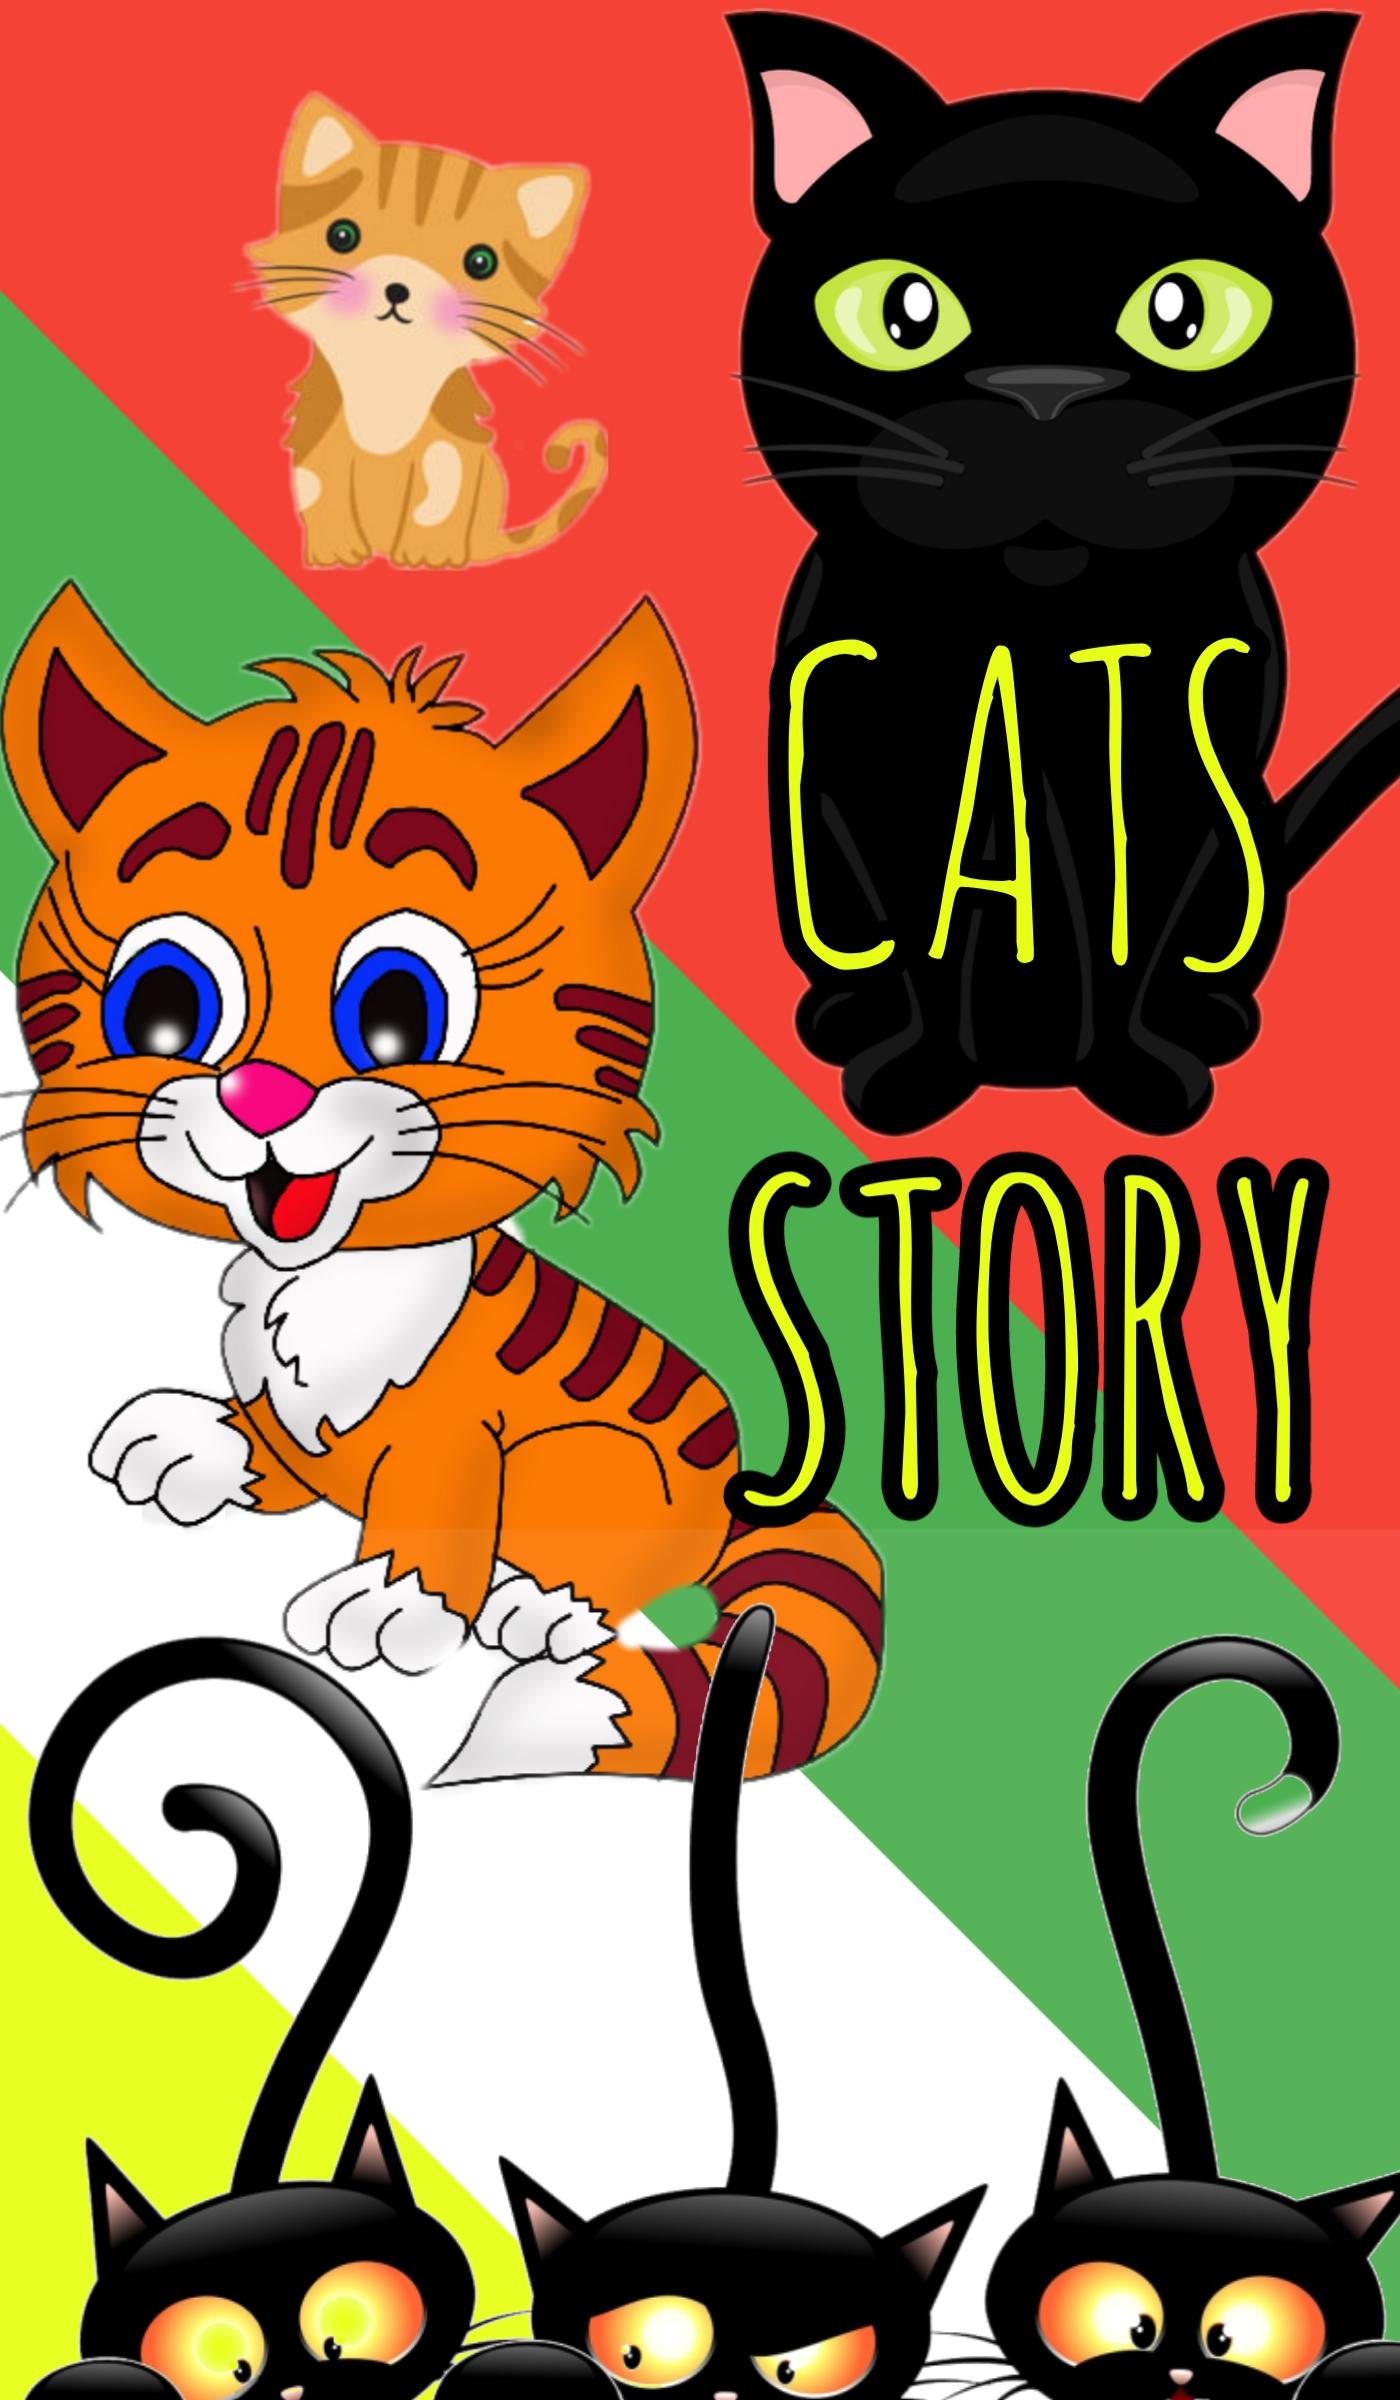 Cat Bedtime Story For Kids